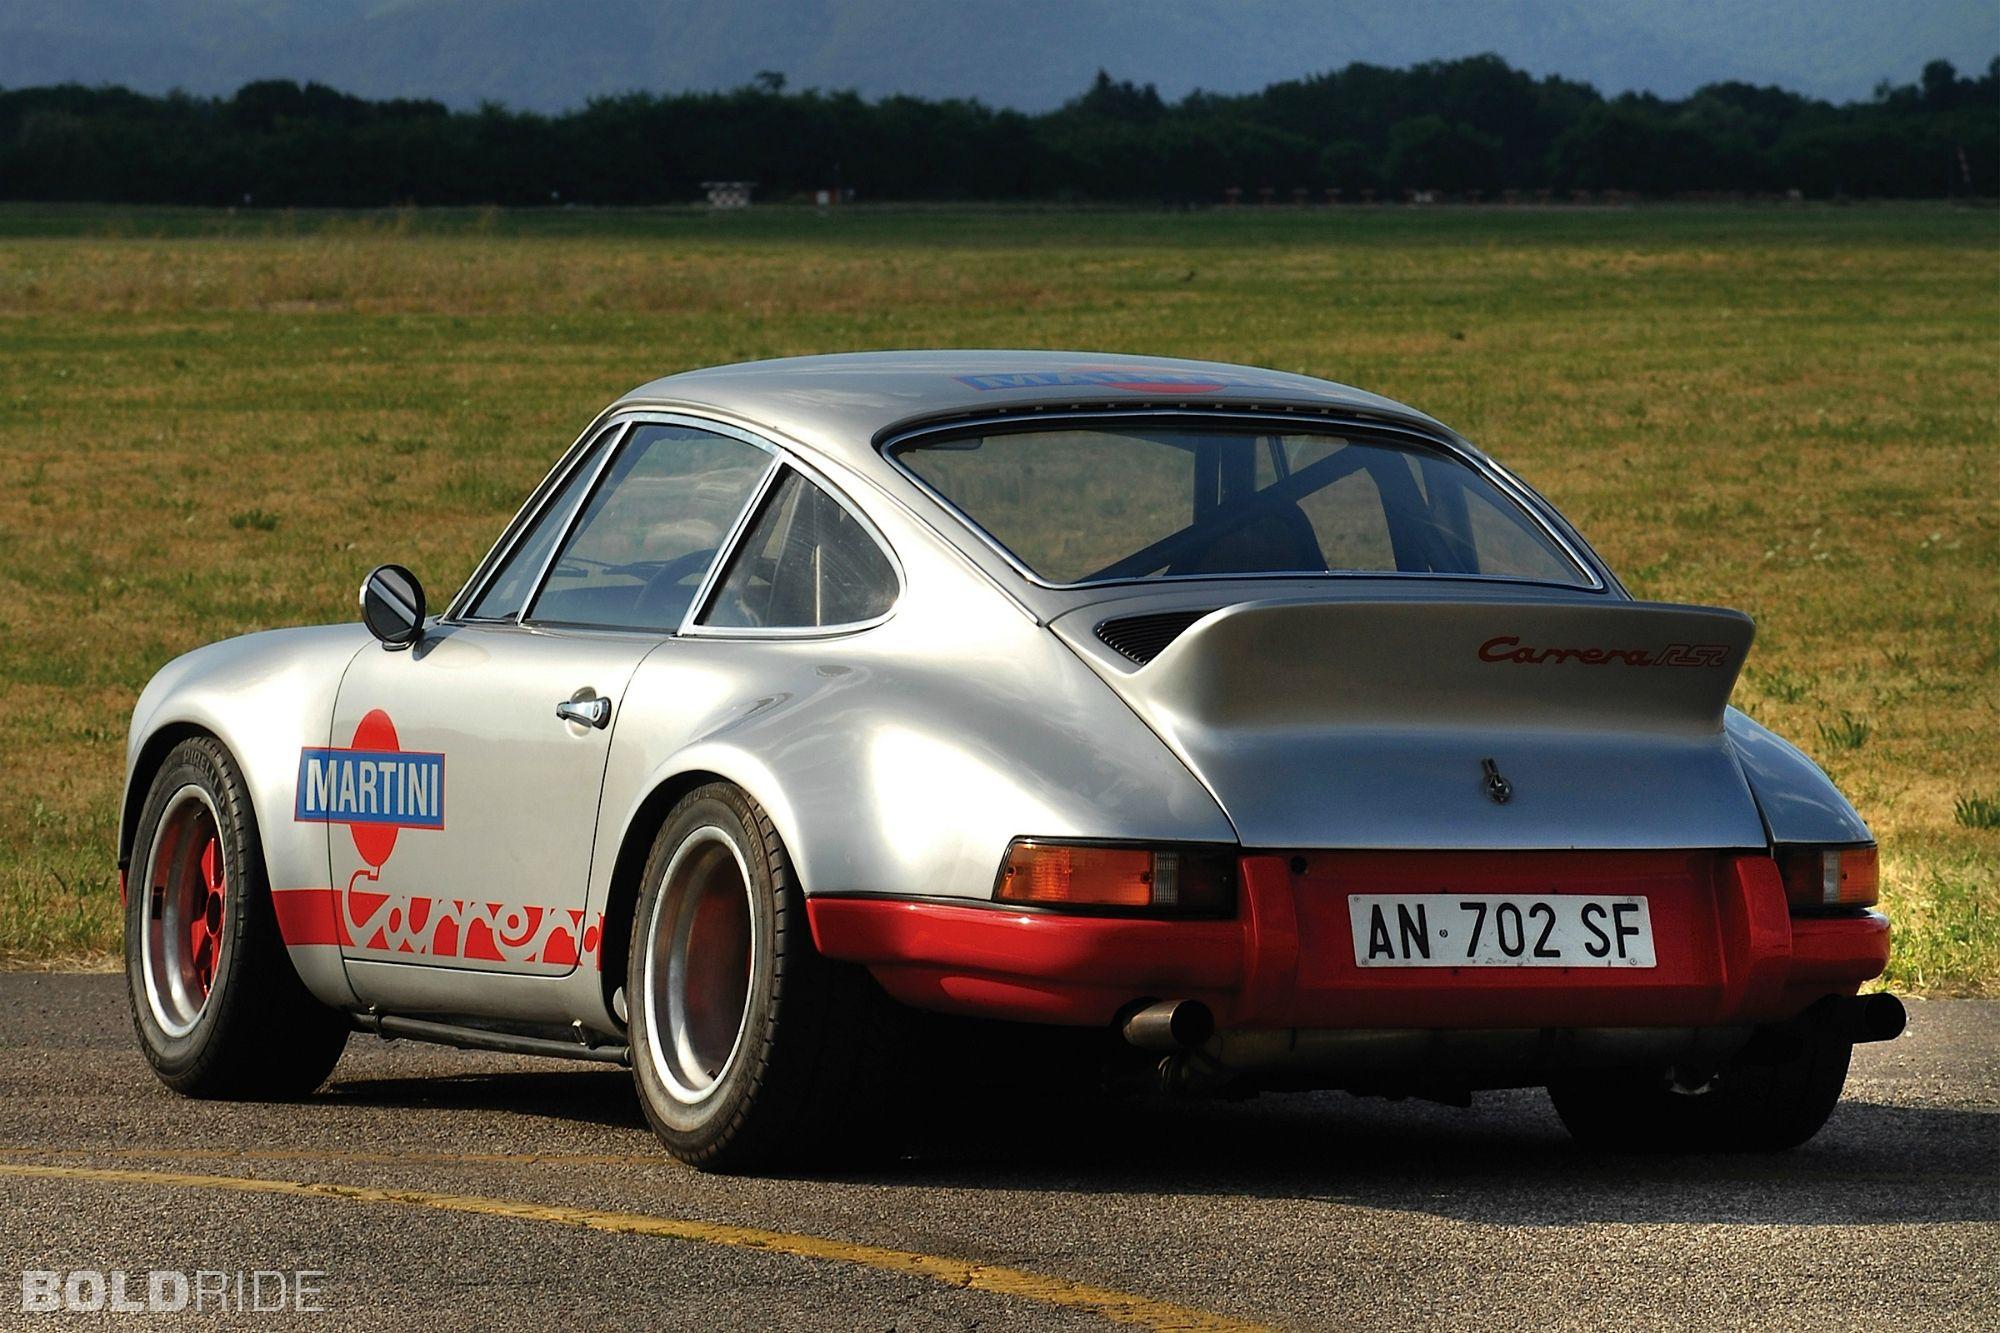 Porsche 911 rsr porsche 911 rsr porsche 911 and porsche sports car porsche 911 rsr vanachro Images